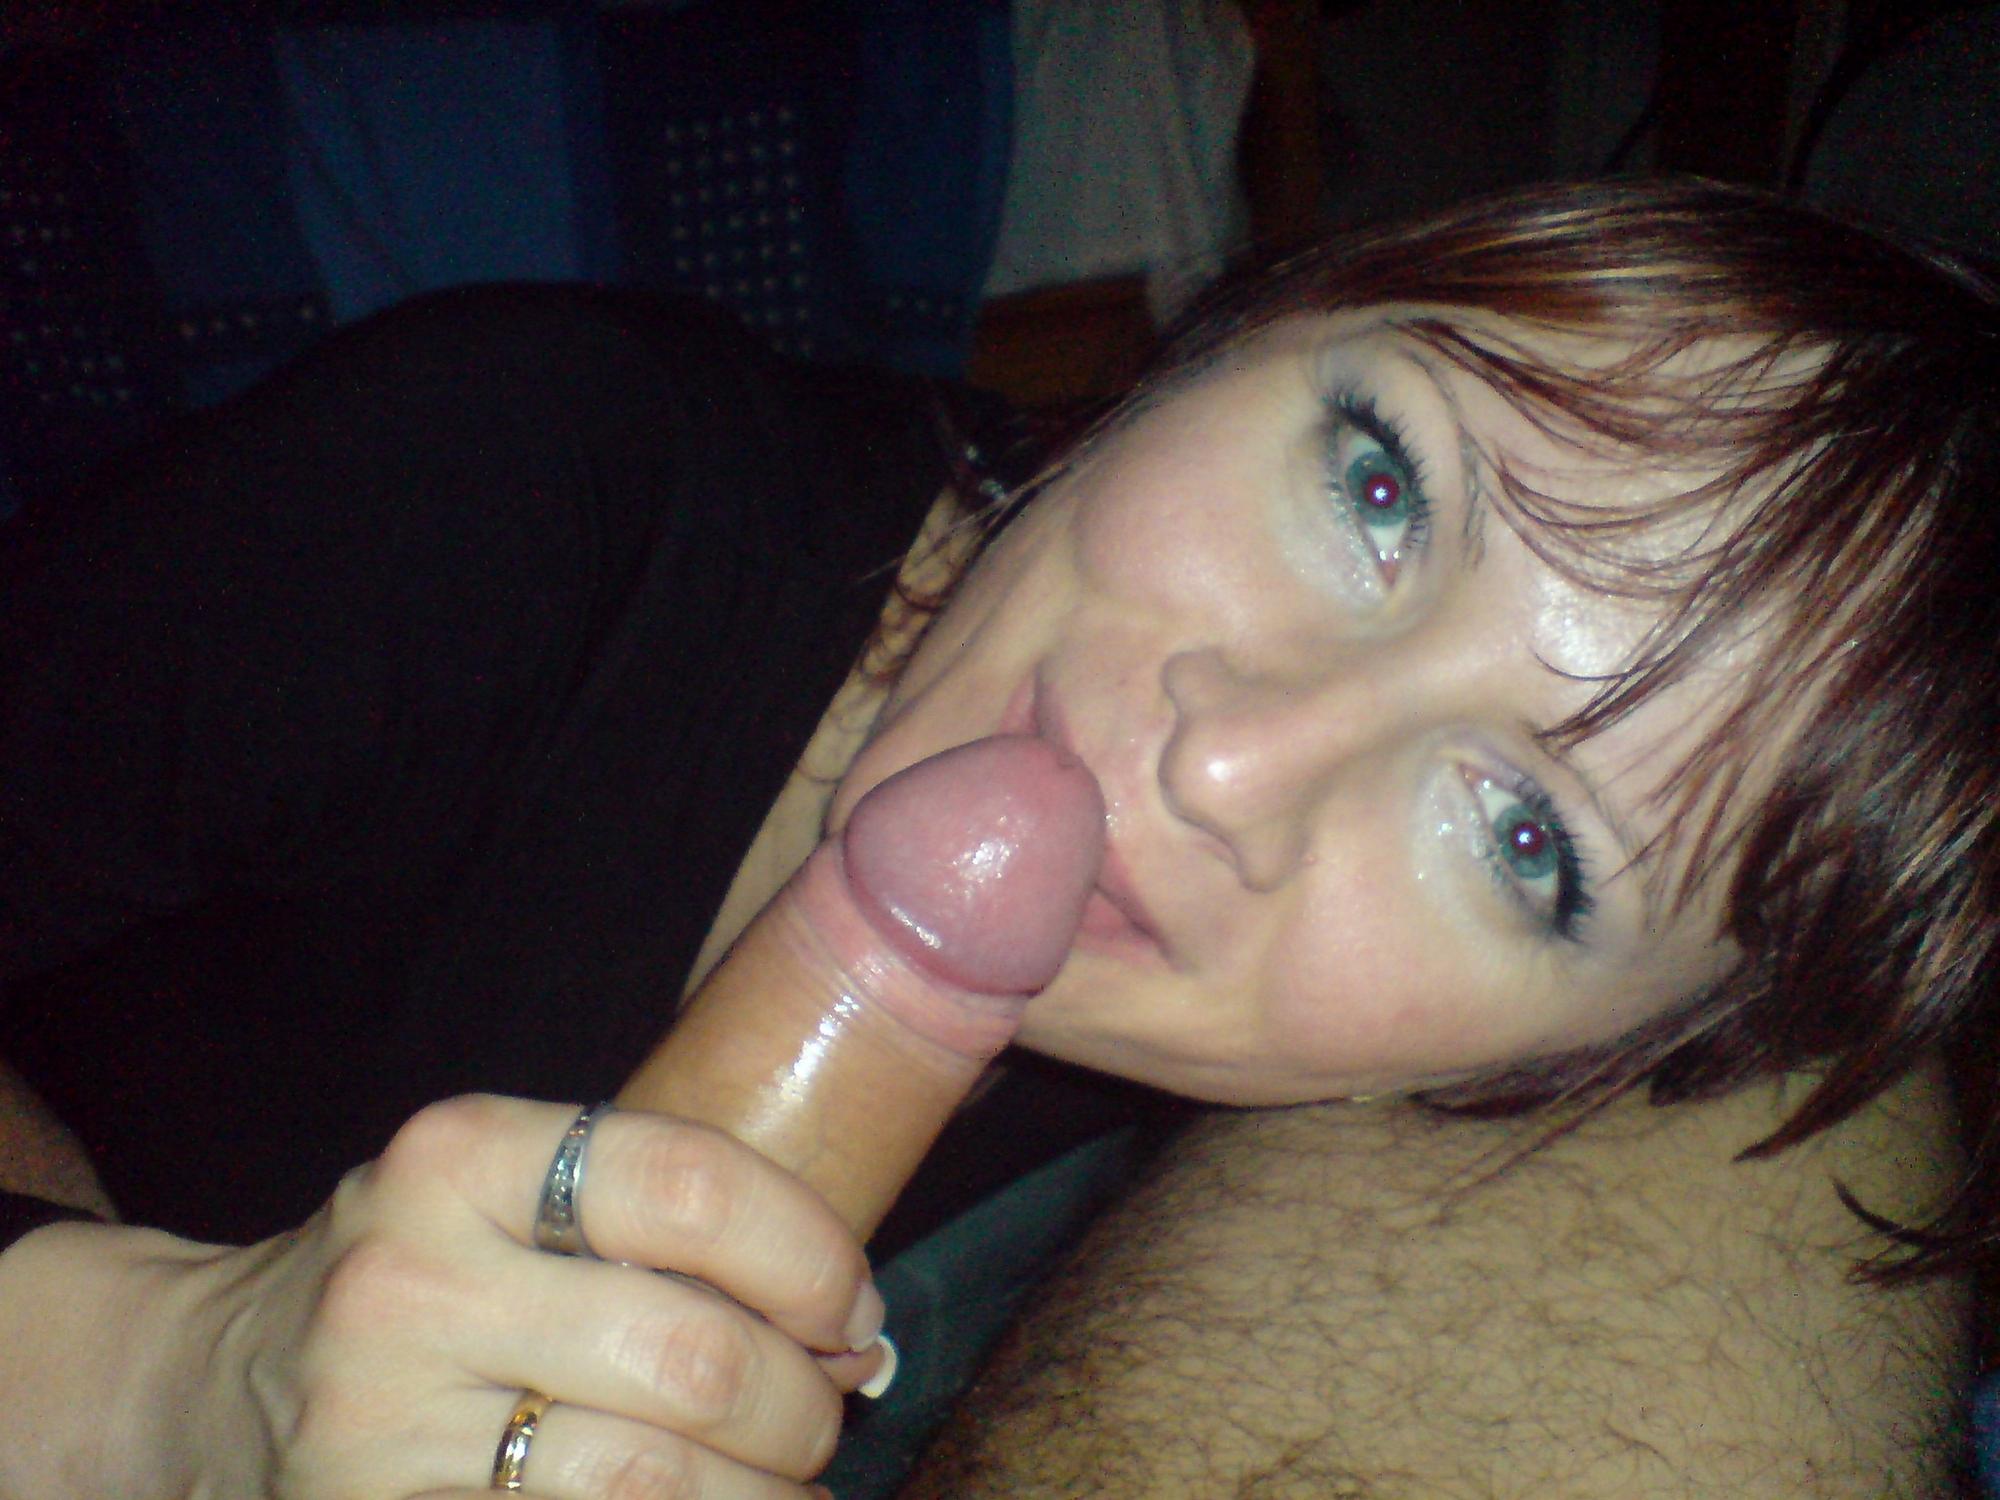 Рыжая жена в квартире вафлит пенис супруга